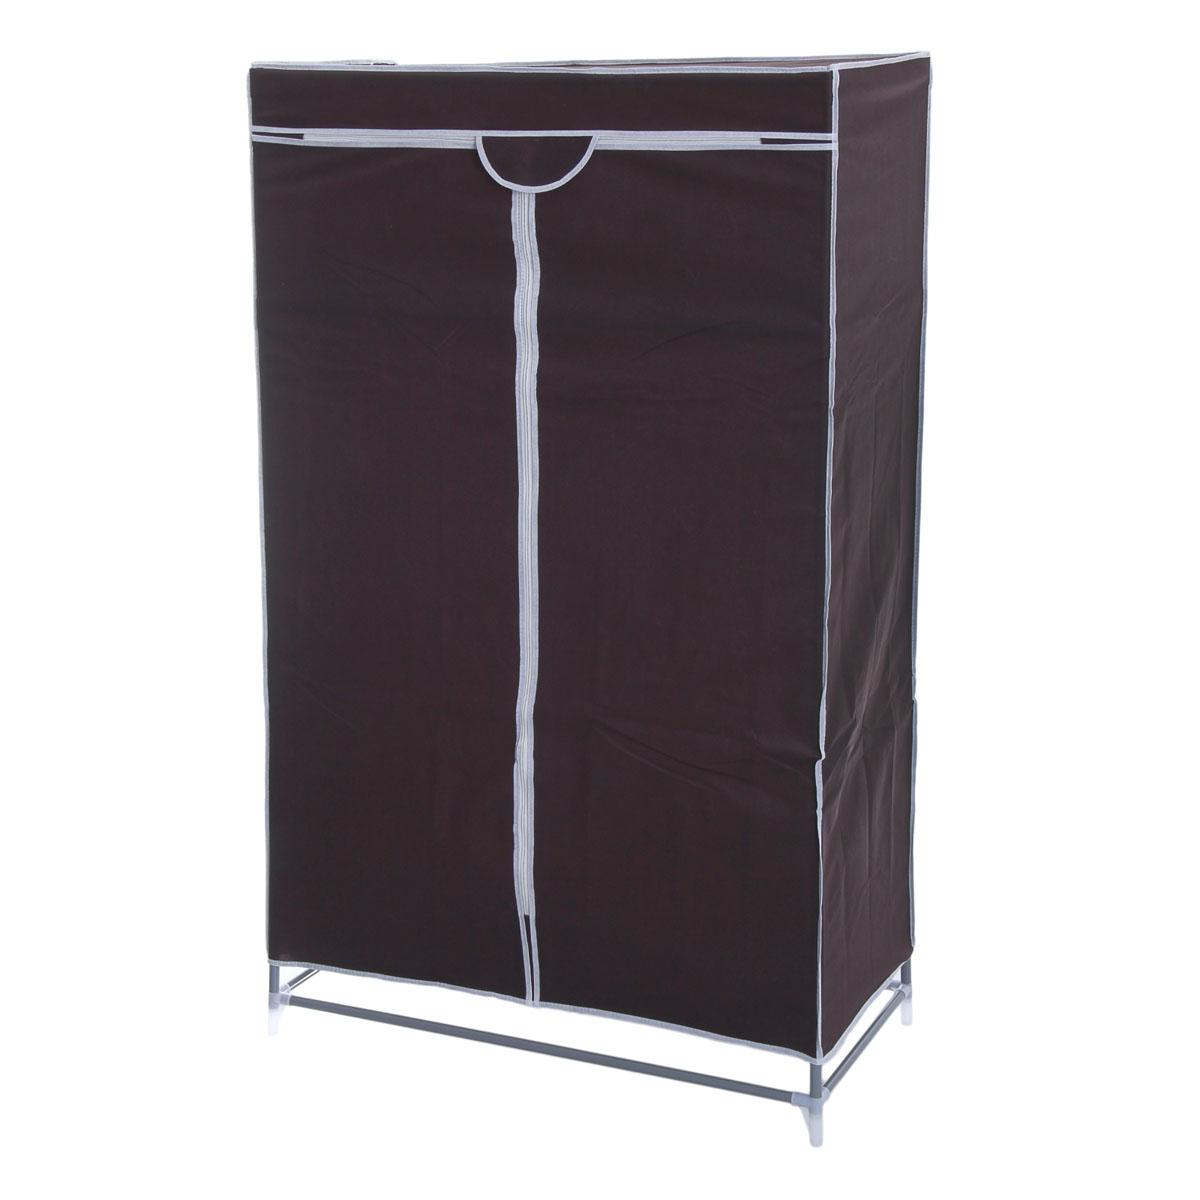 Мобильный шкаф для одежды «Sima-land», цвет: кофейный, 90 см х 45 см х 155 см. 888799  тумба для обуви то 2